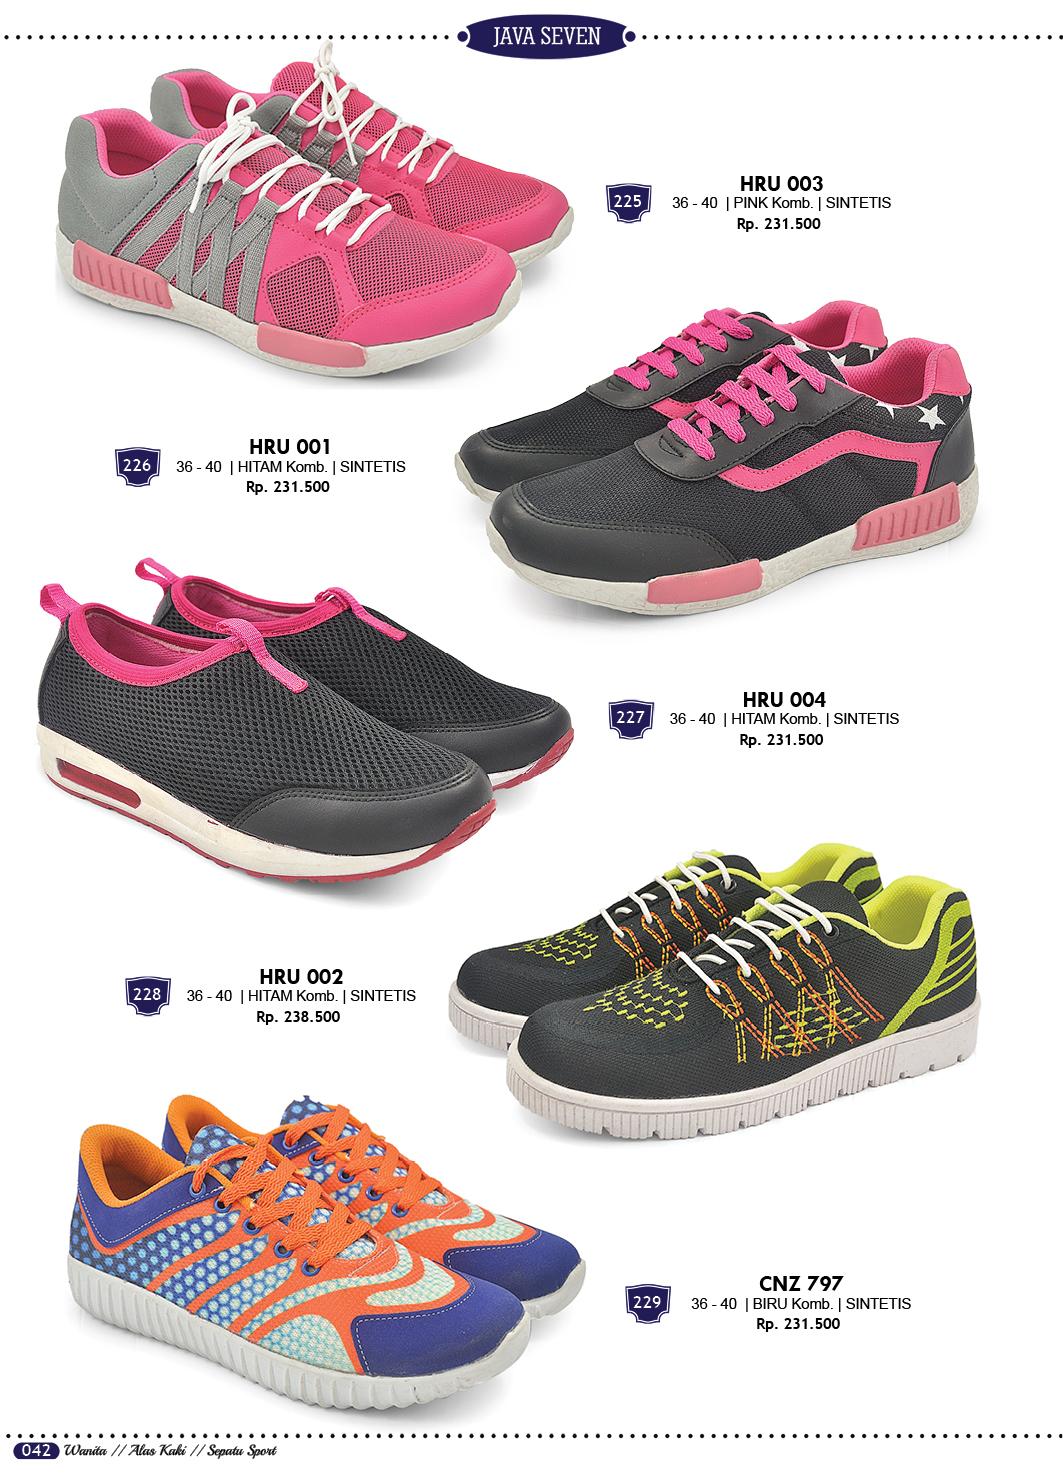 Sepatu Sandal Dan Tas Terbaru Katalog Java Seven 2018